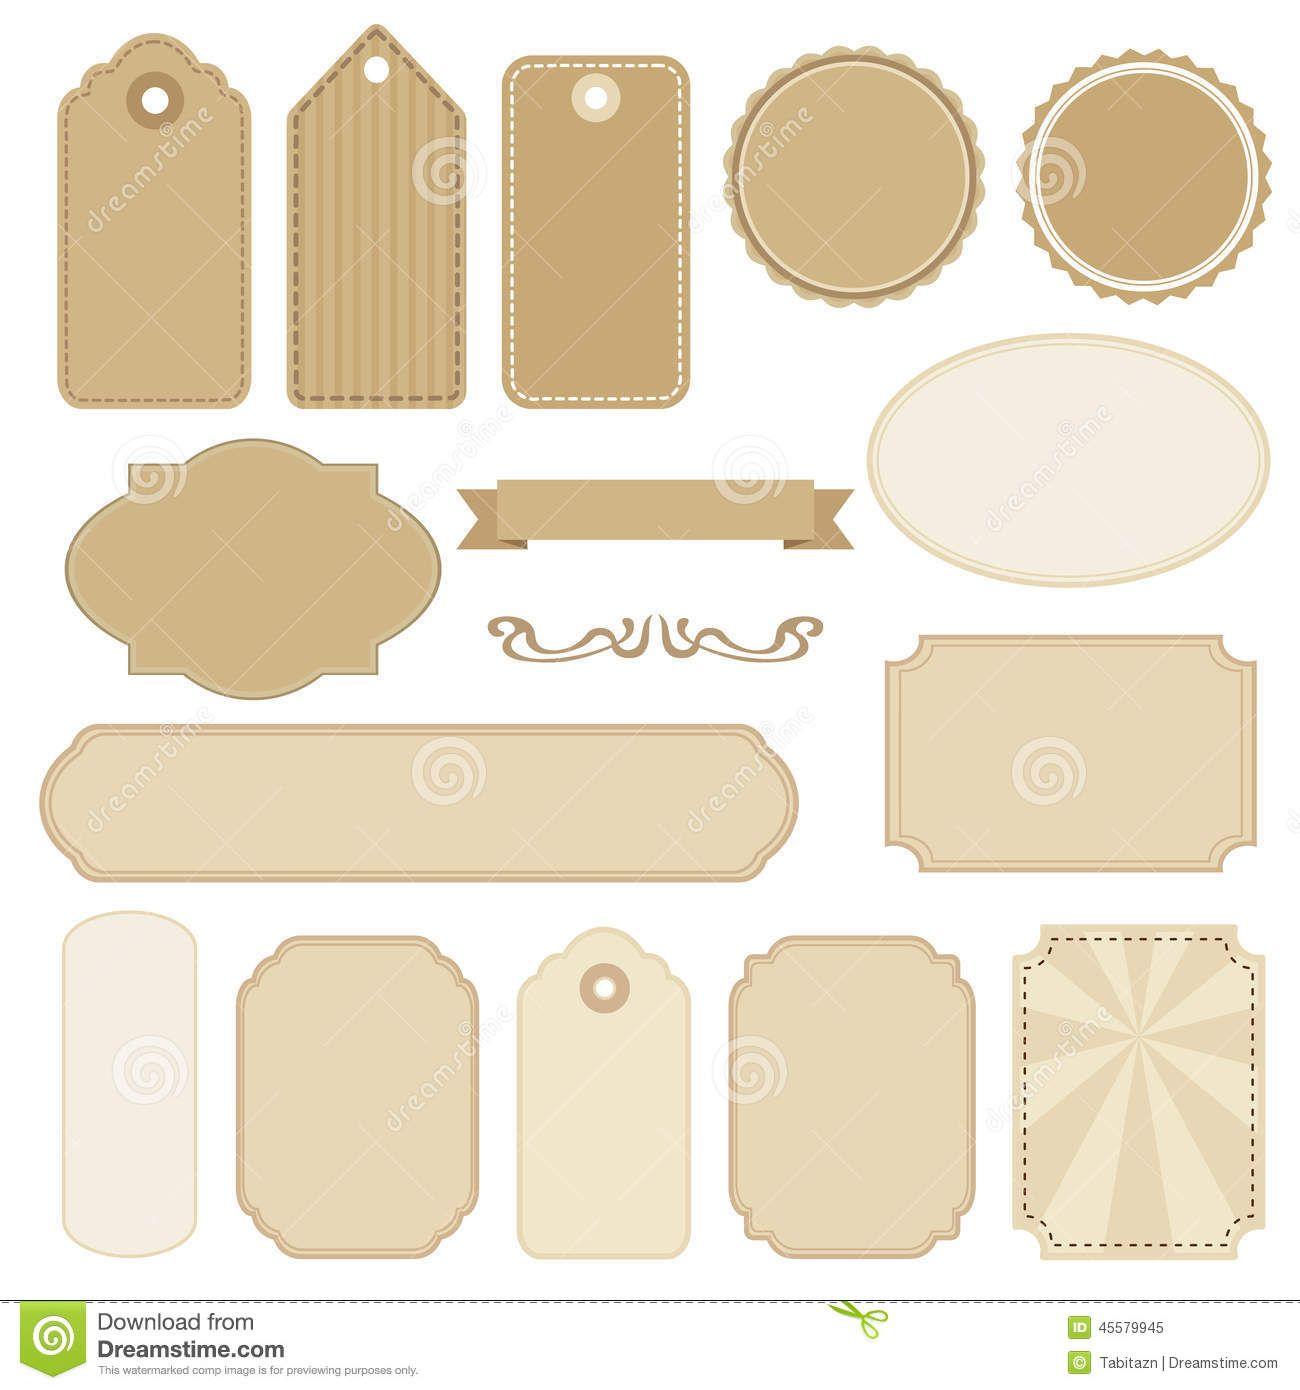 Illustration About Set Of Blank Vintage Frames Tags And Labels Isolated S Illustration Of Message Packagi In 2020 Vintage Frames Vintage Lettering Clip Art Vintage